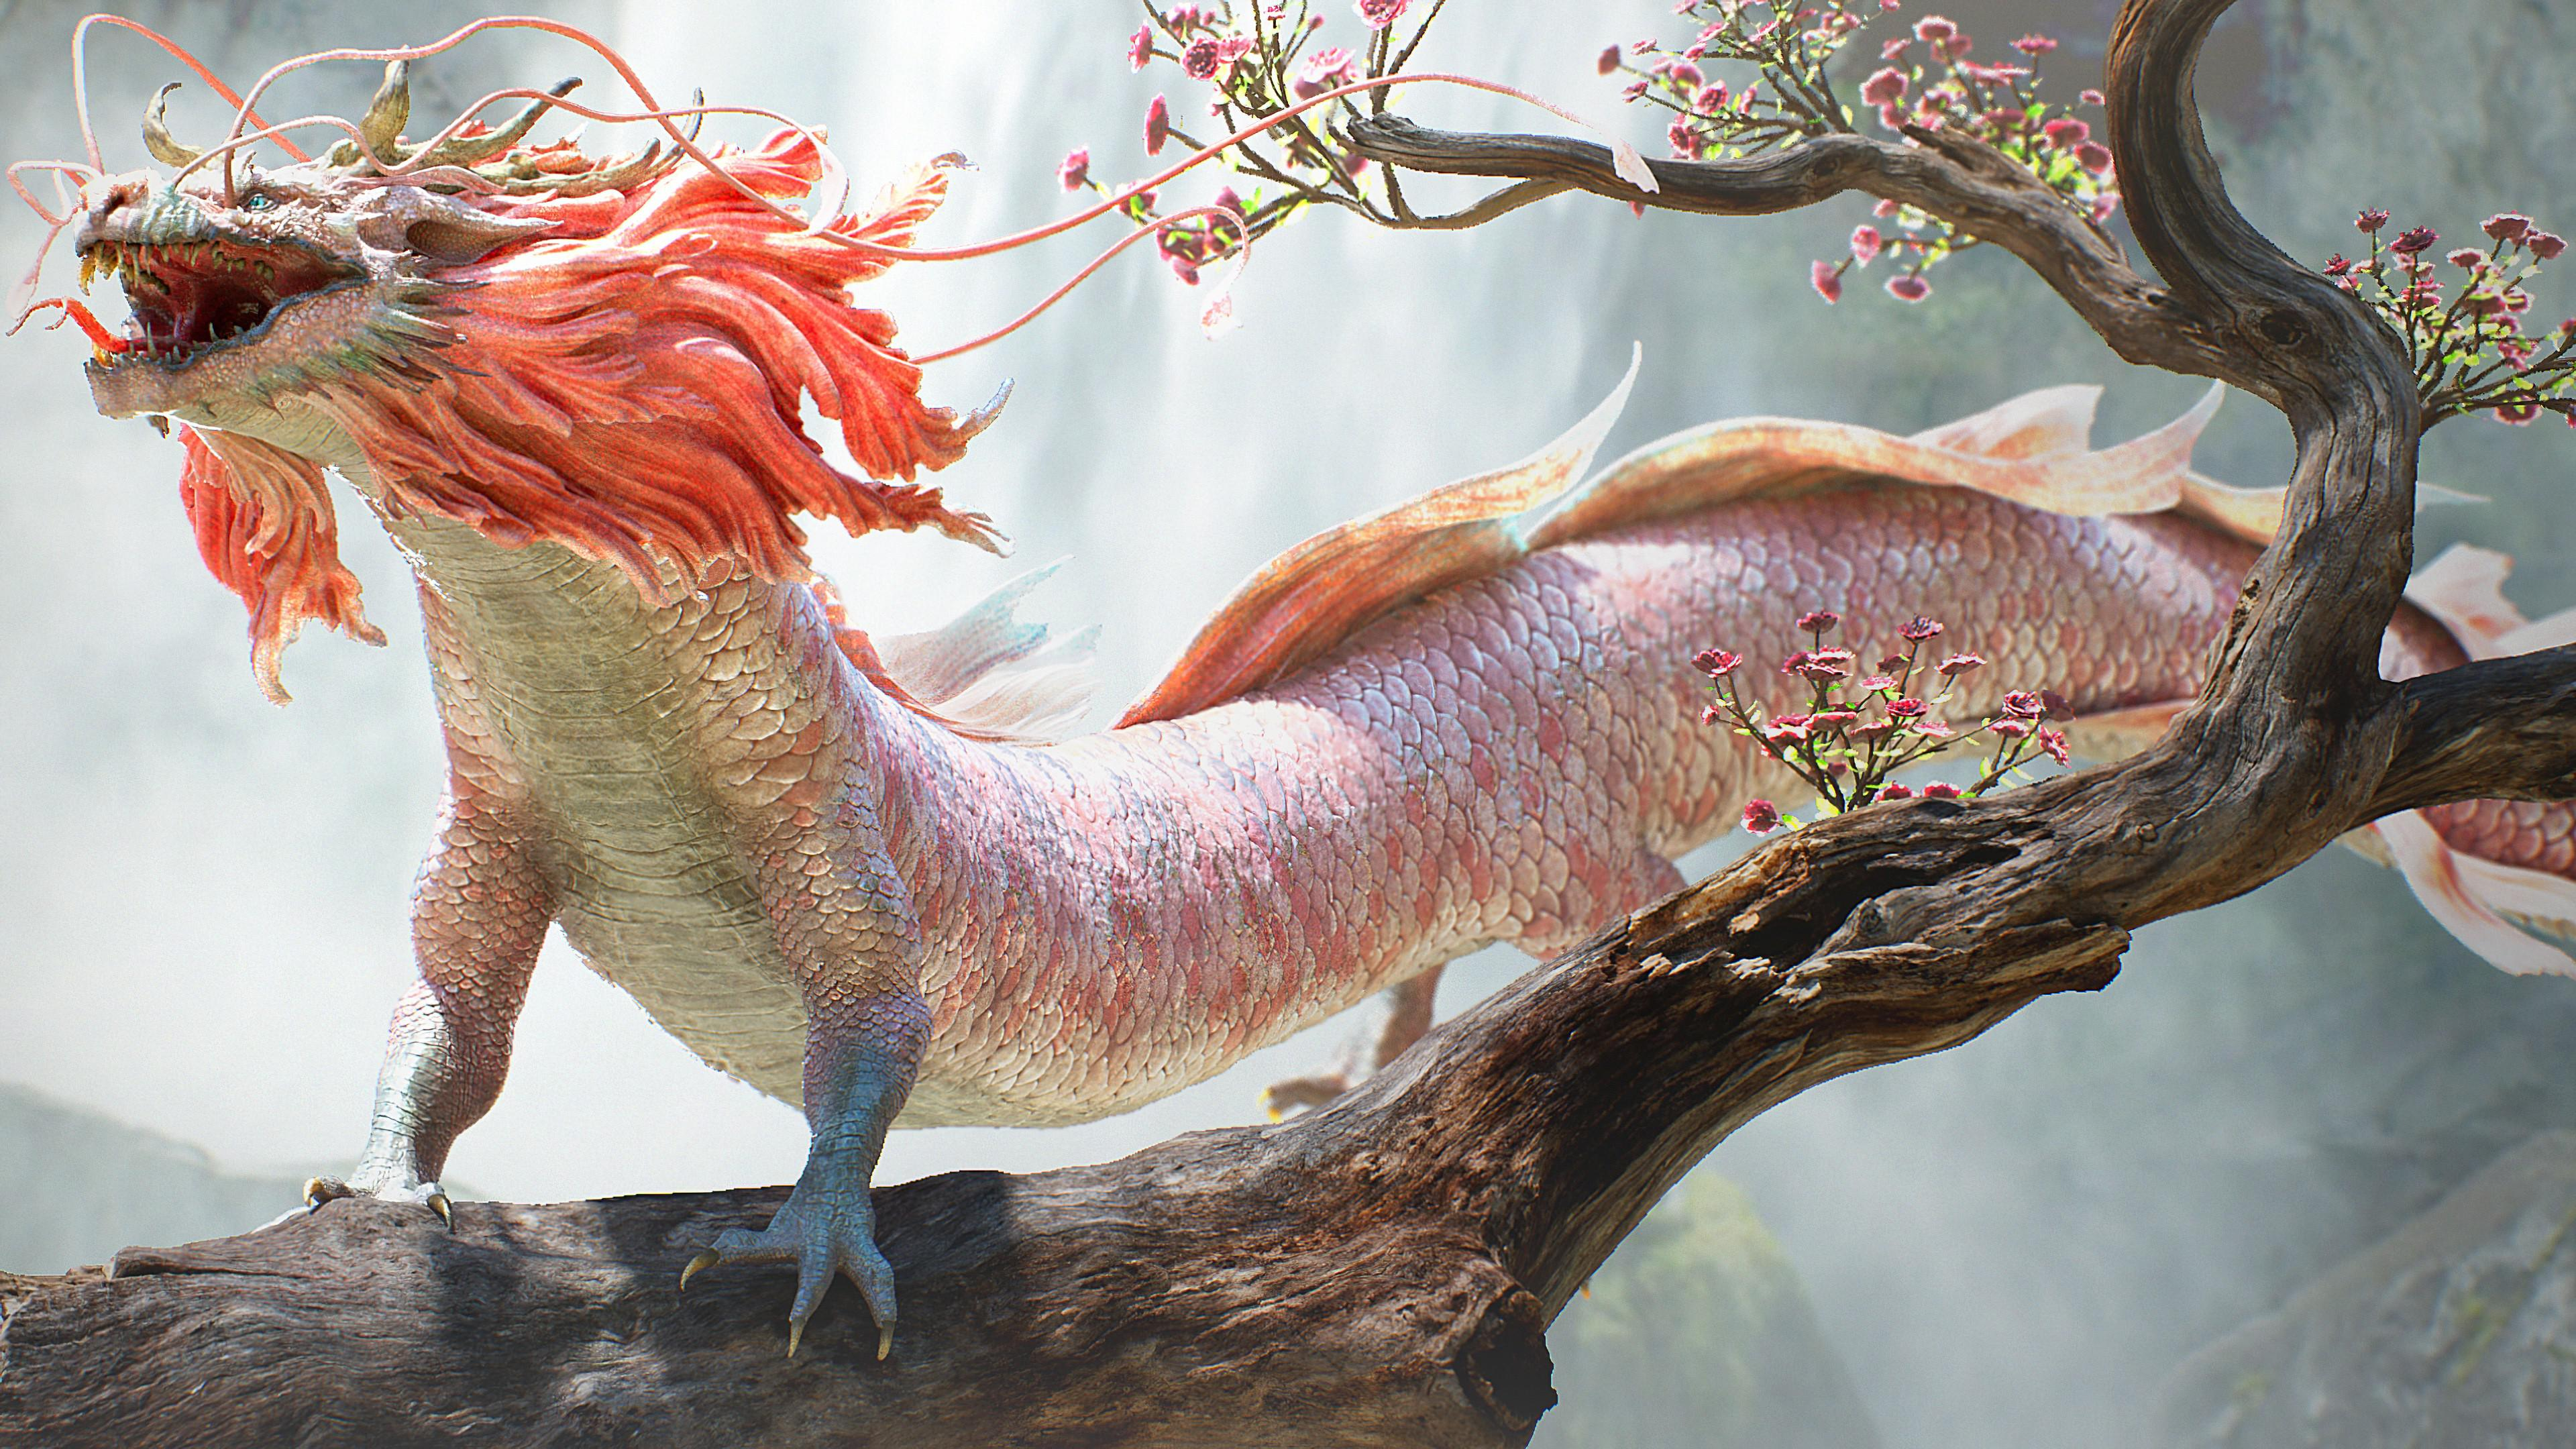 Dragon 4K wallpaper